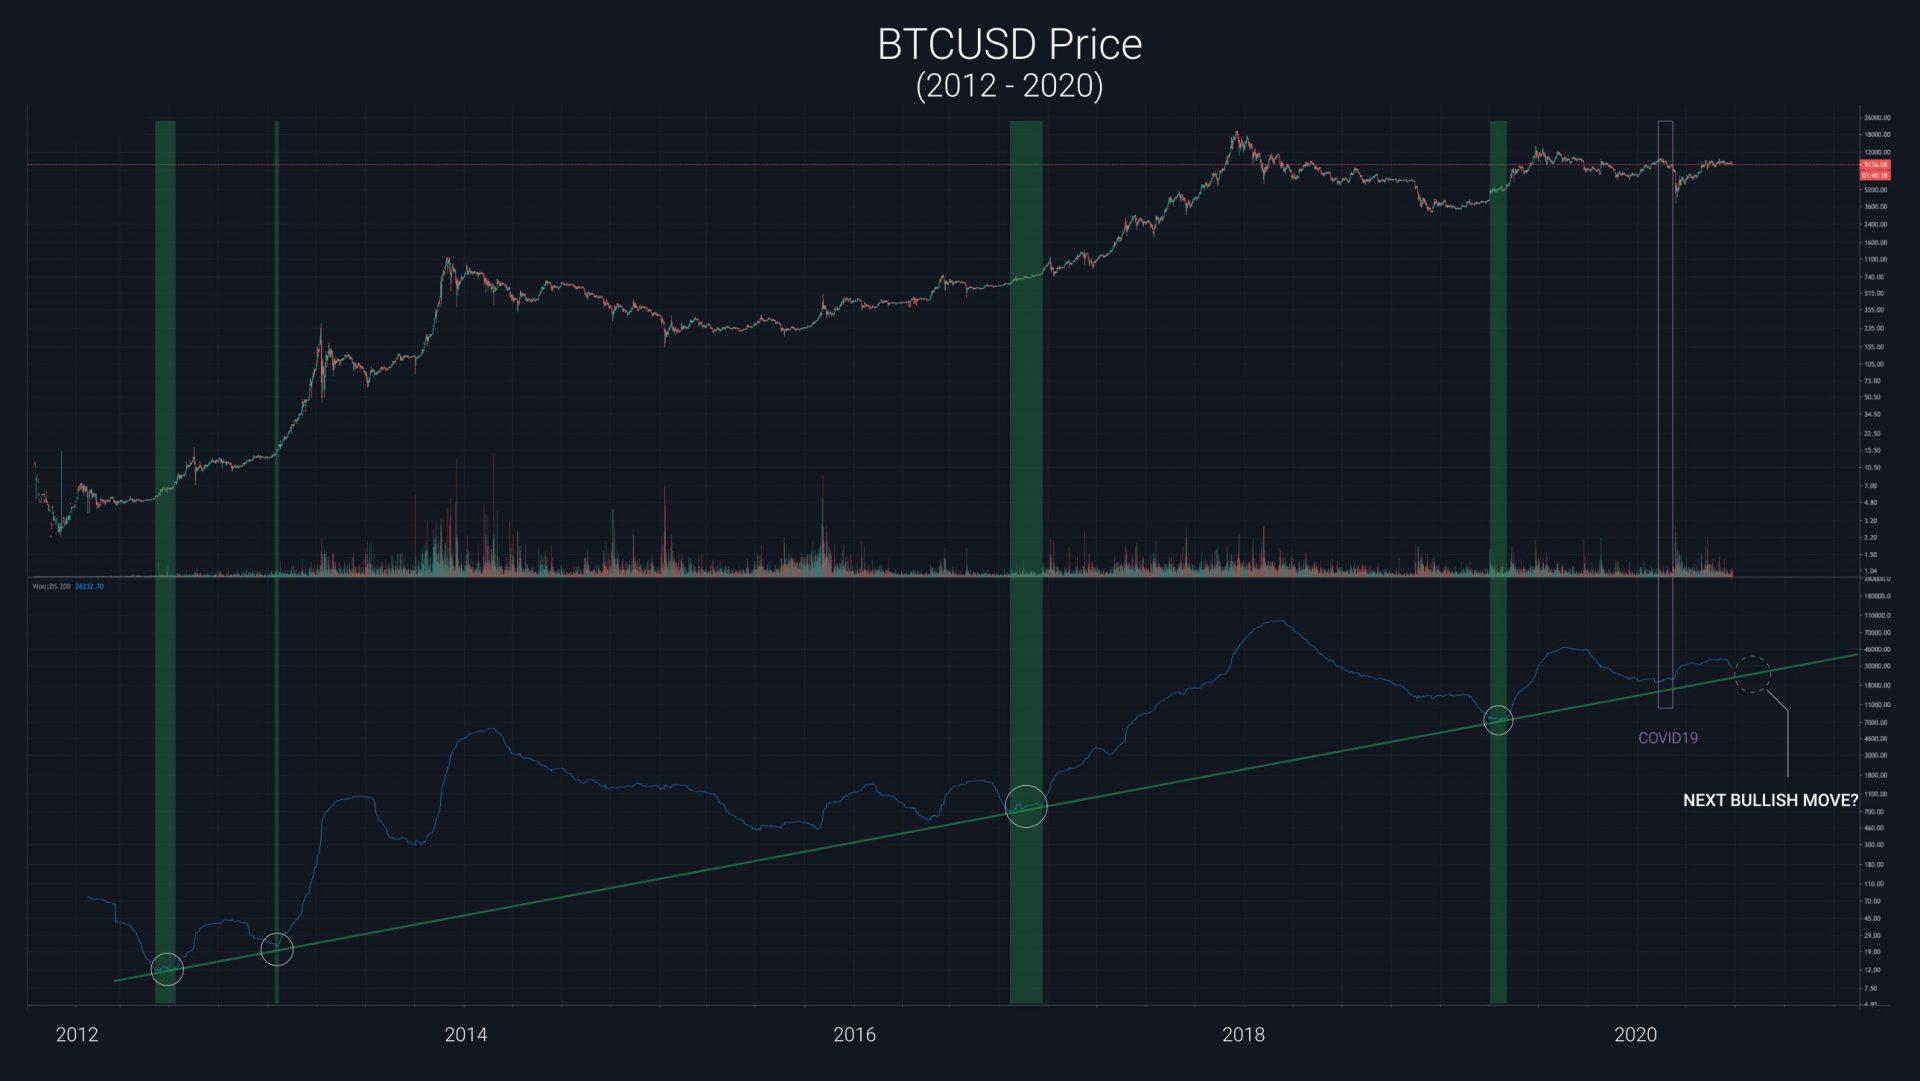 اولین نمودار قیمت بیت کوین وو